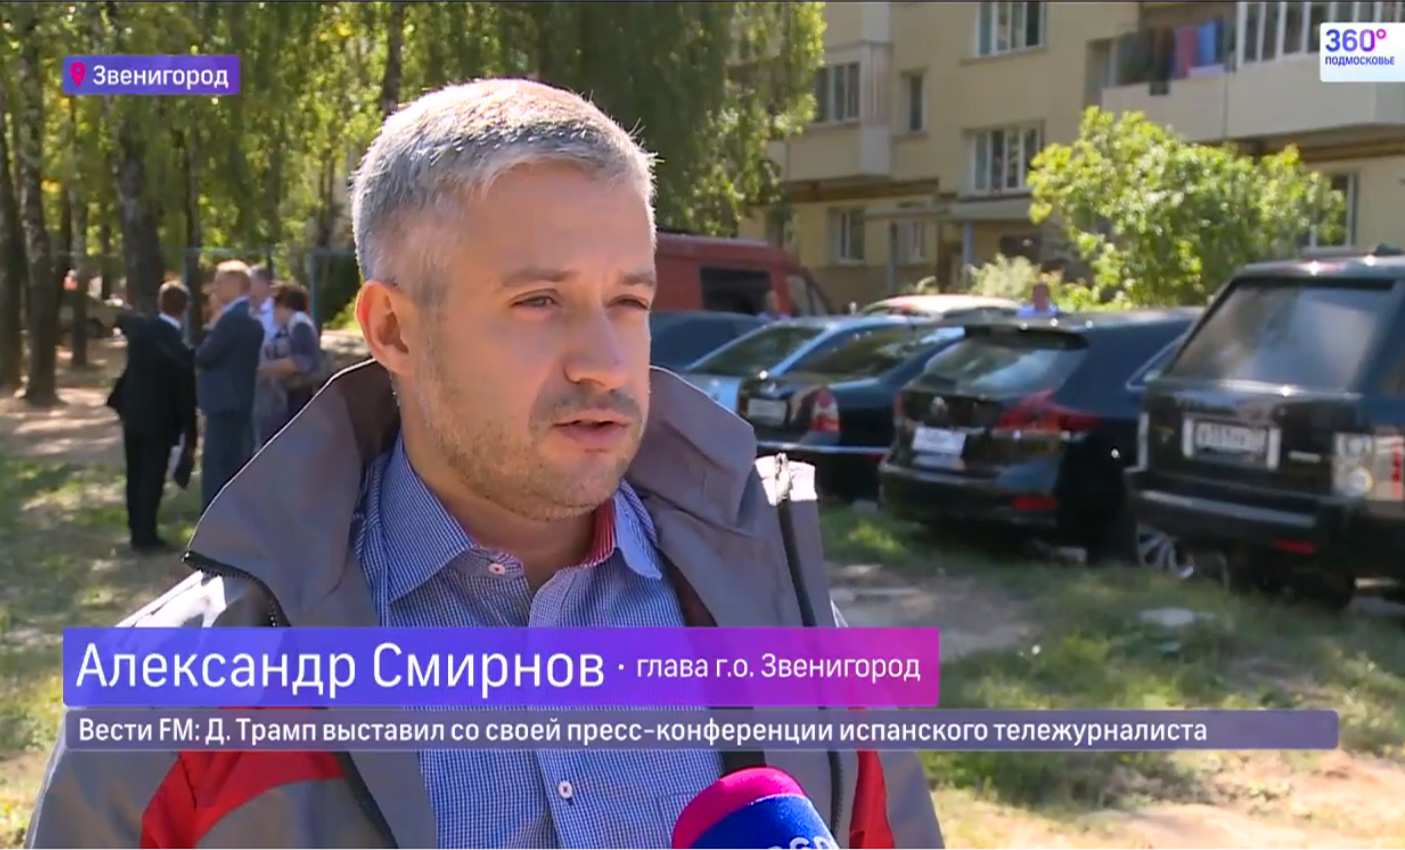 Александр Смирнов начал выполнять указания губернатора